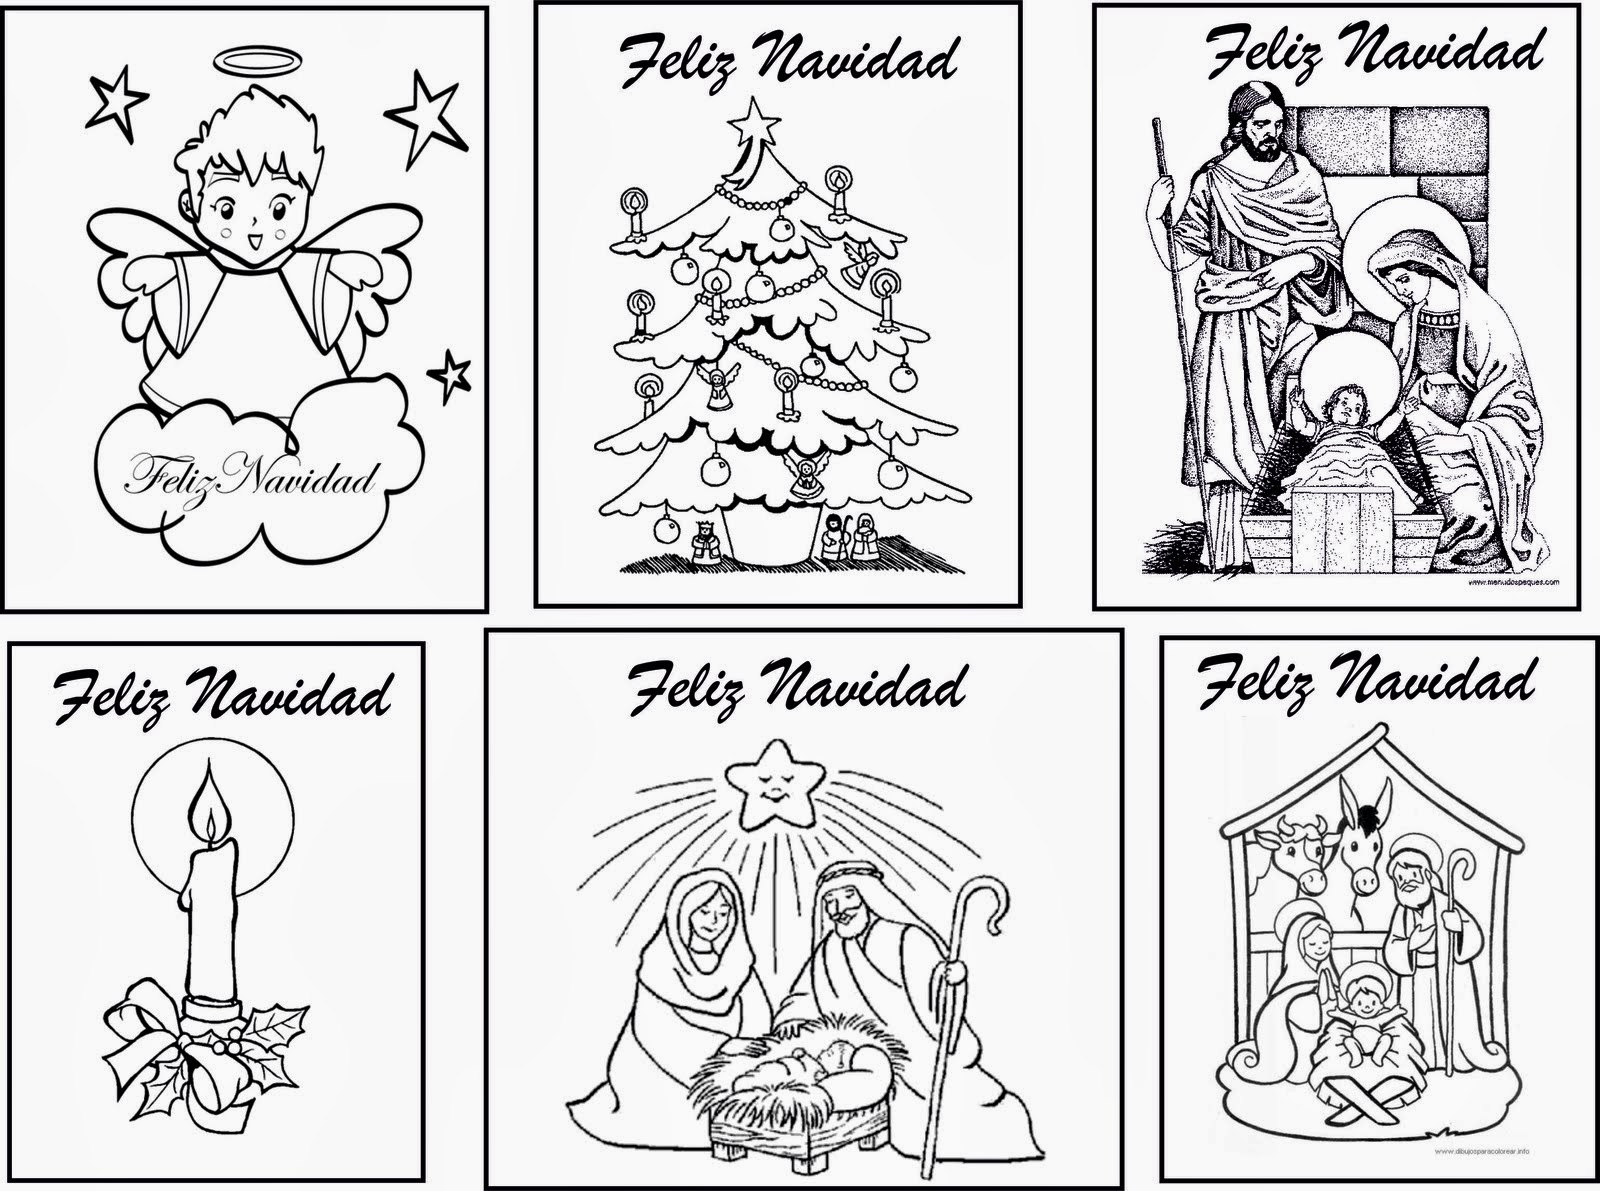 Tarjetas de felicitacion de navidad para imprimir y colorear